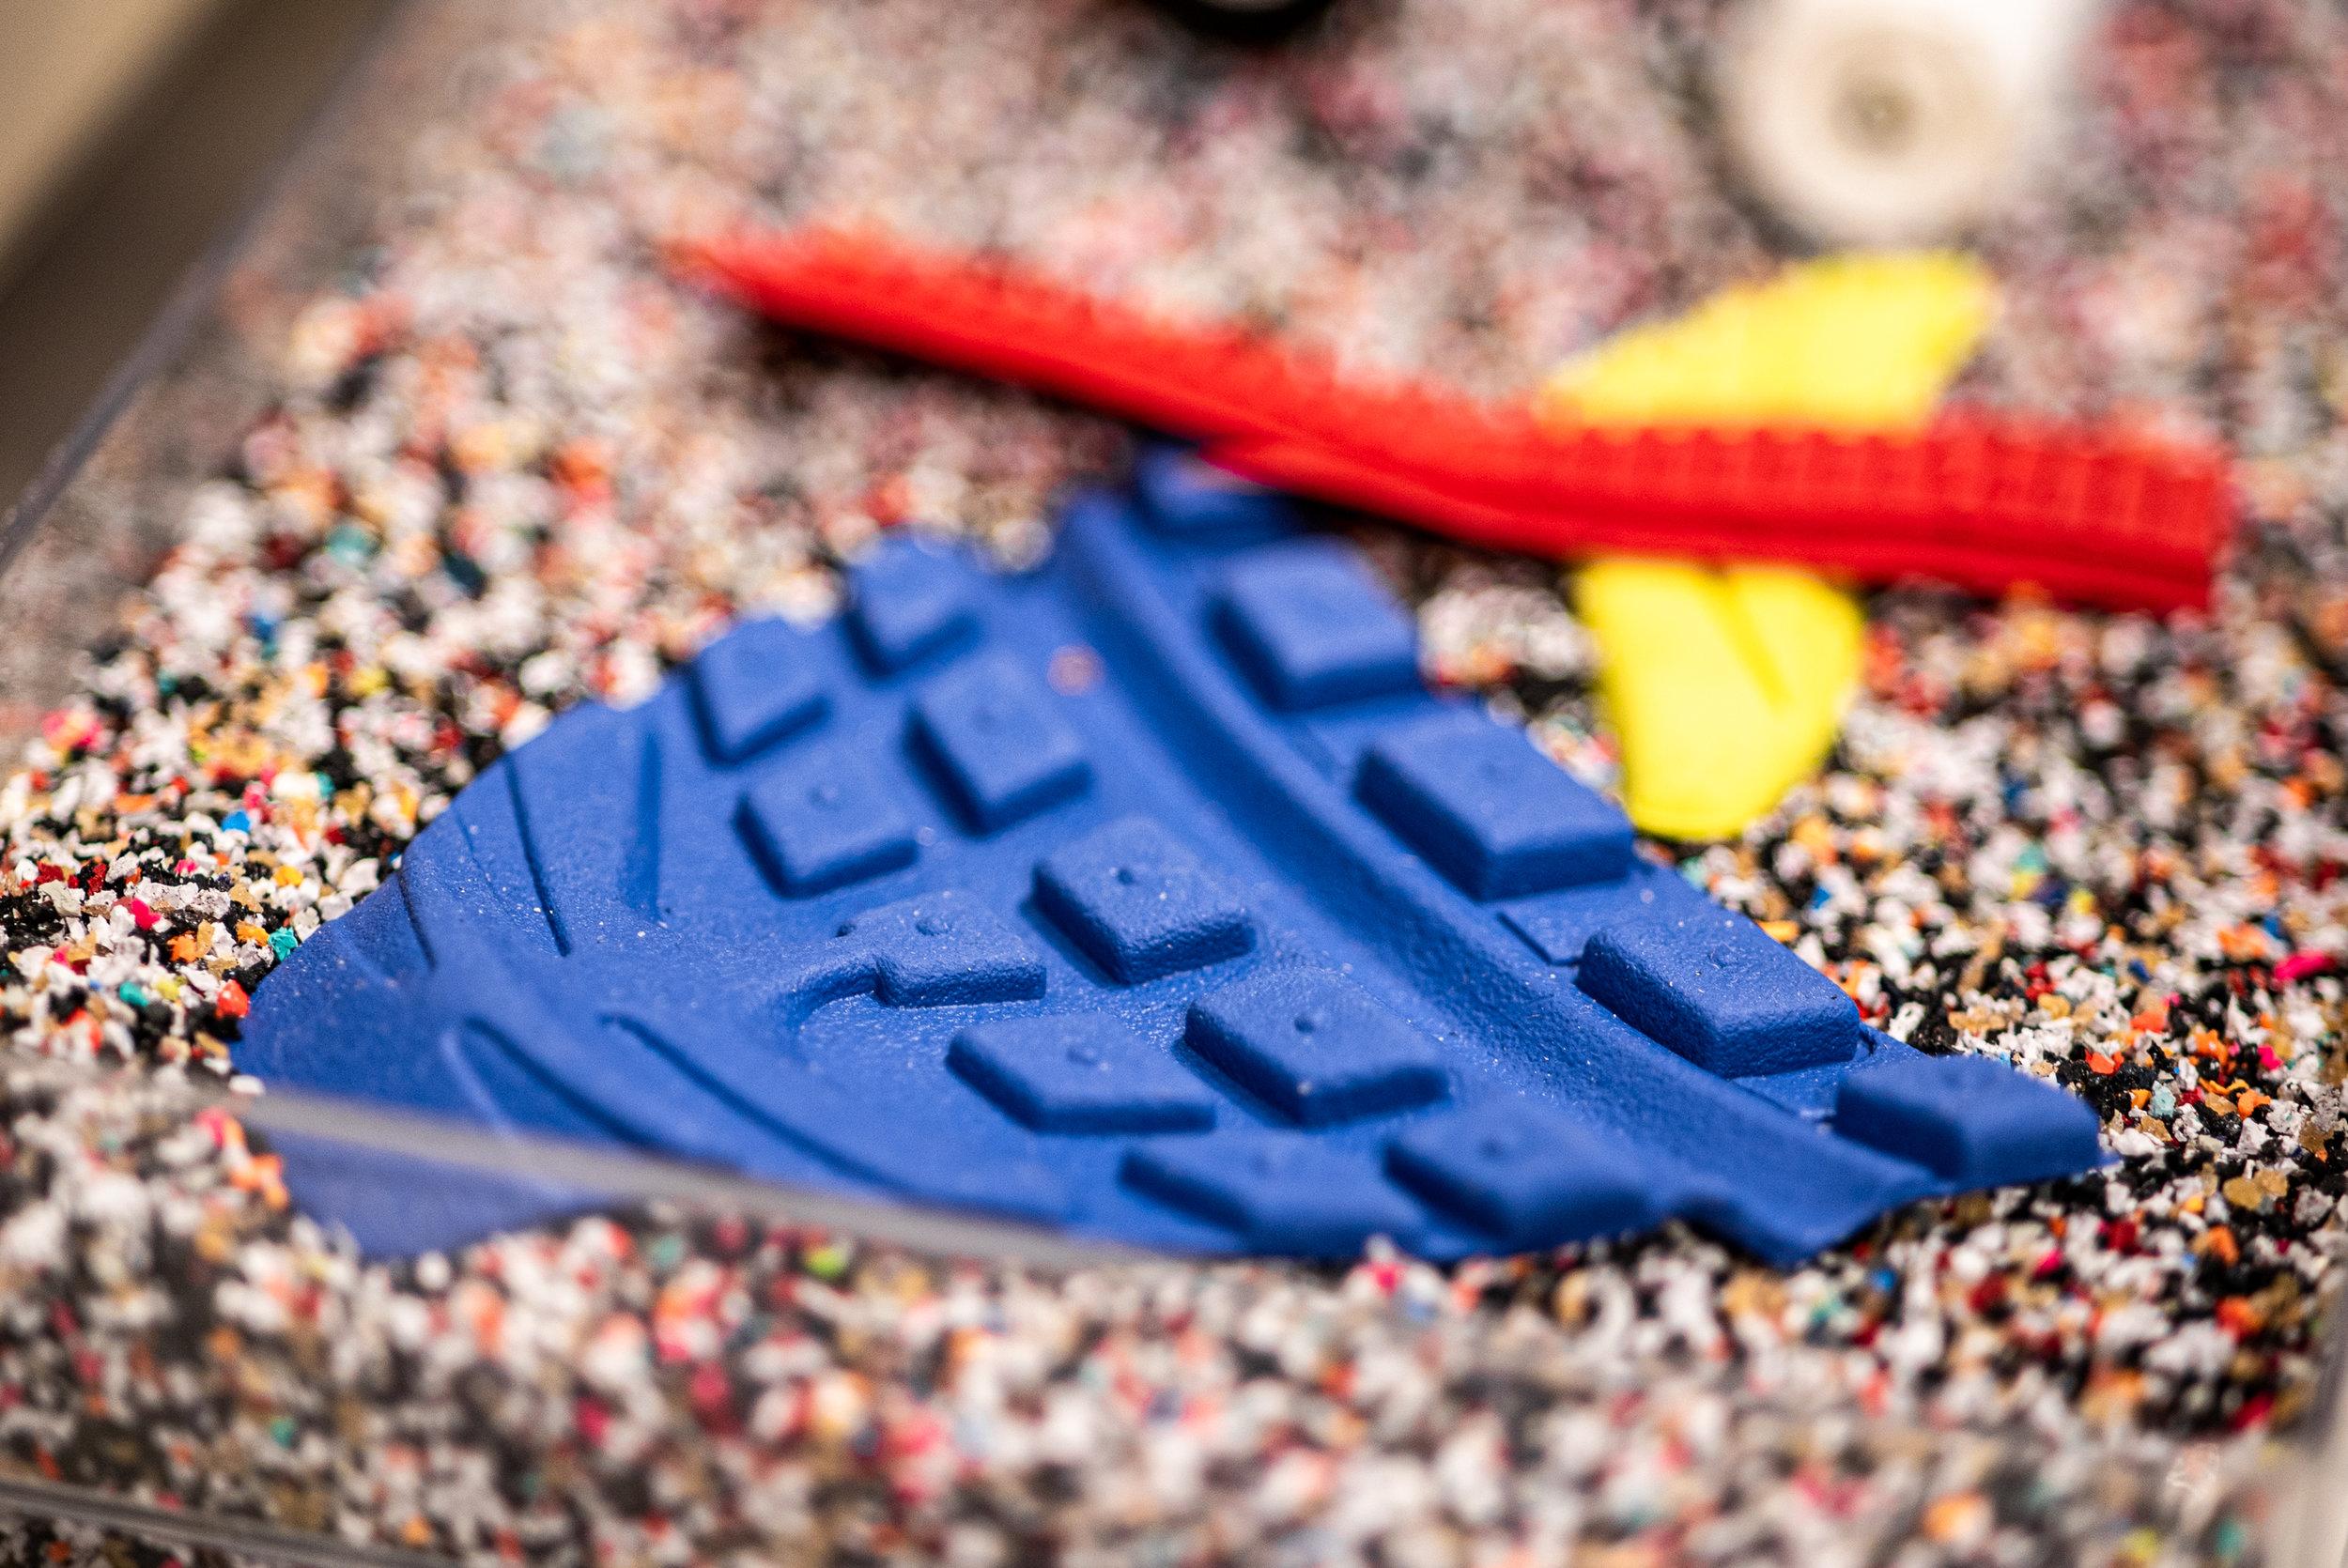 JFENSKE_10113_Satis_Nike_Relab__JTF2659_low_01.jpg